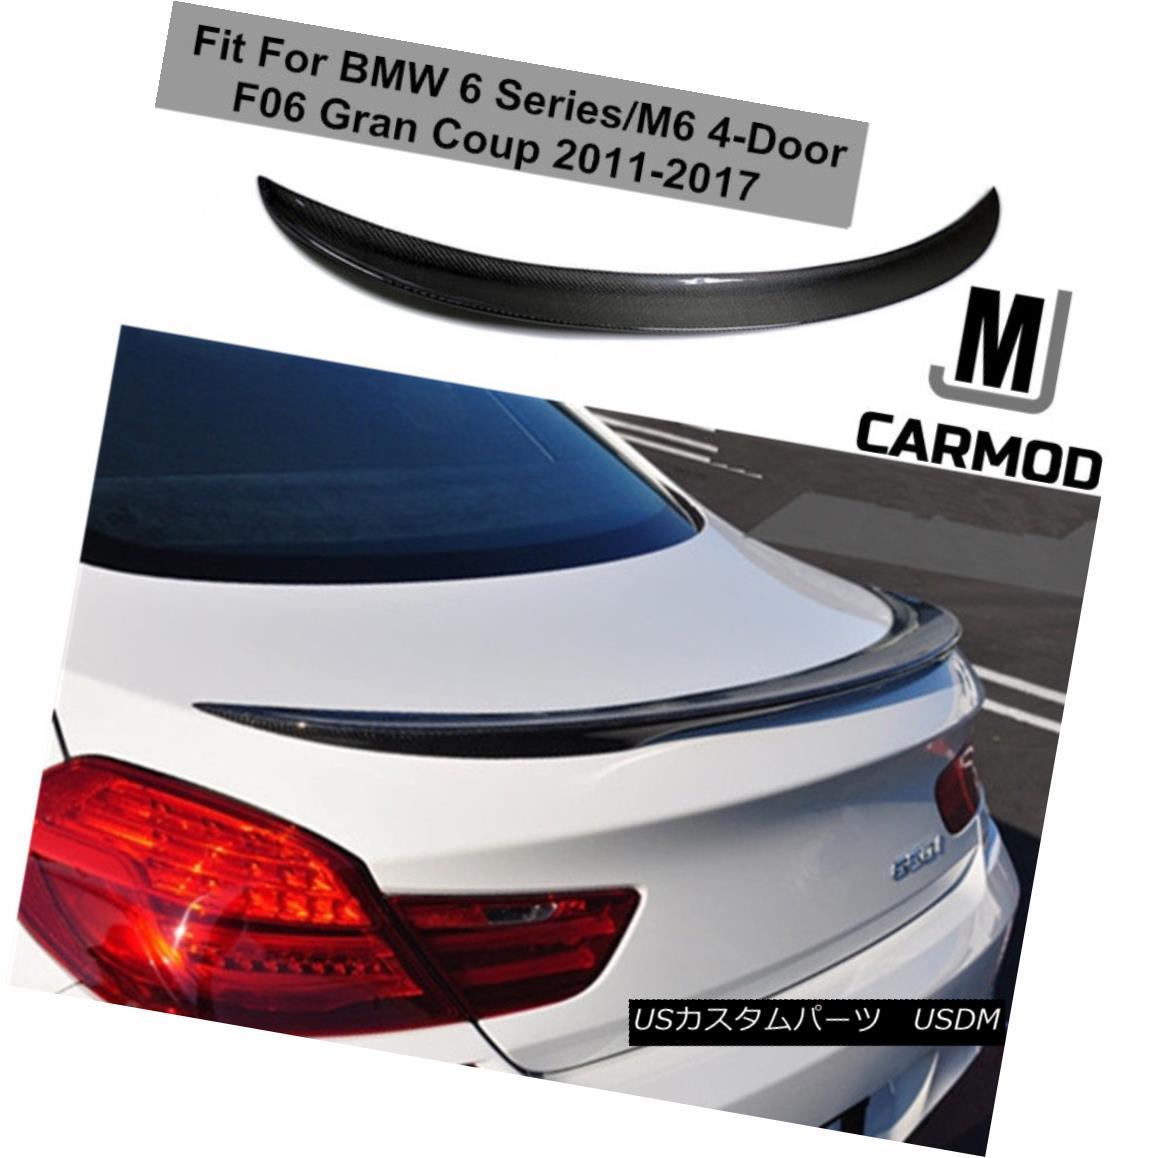 エアロパーツ Fit For F06 BMW 640i 650i Gran Coupe 2011-now CARBON FIBER M6 REAR TRUNK SPOILER F06に適合BMW 640i 650iグランクーペ2011-今すぐカーボンファイバーM6リアトランクスポイラー